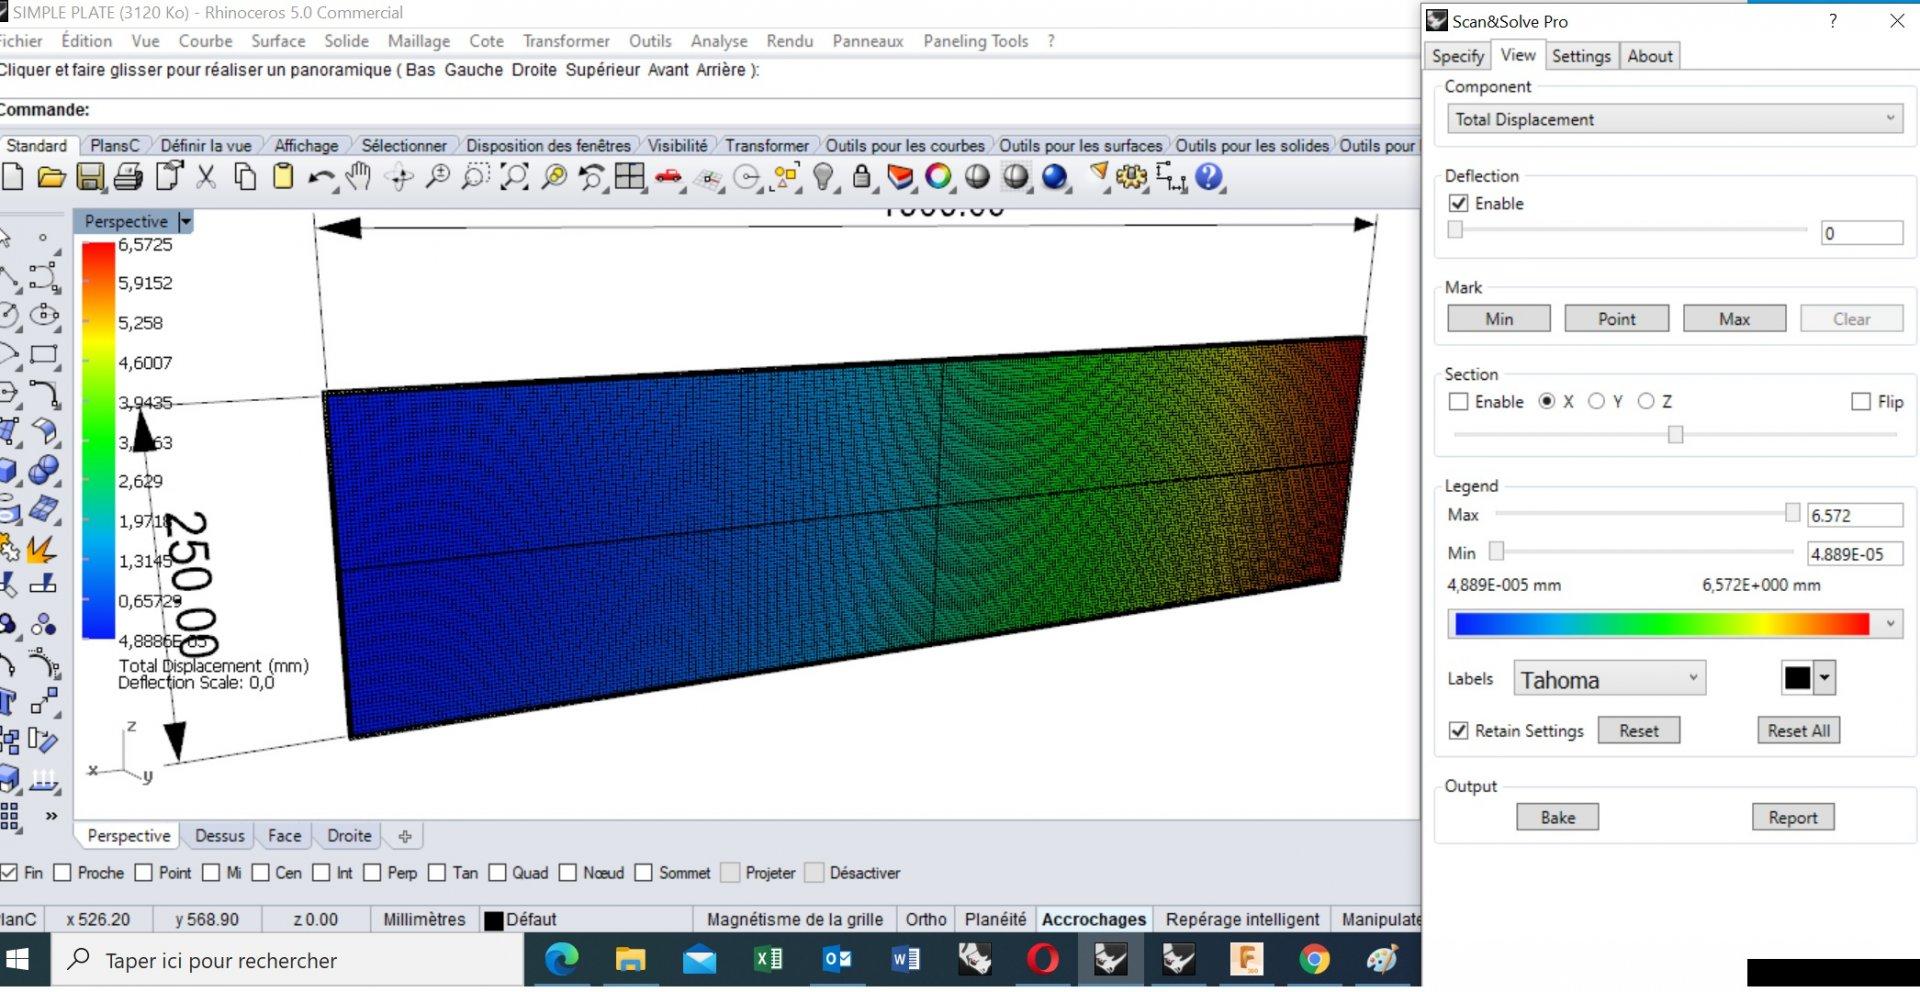 Plaque  Aluminium SnS  Deplacement.jpg